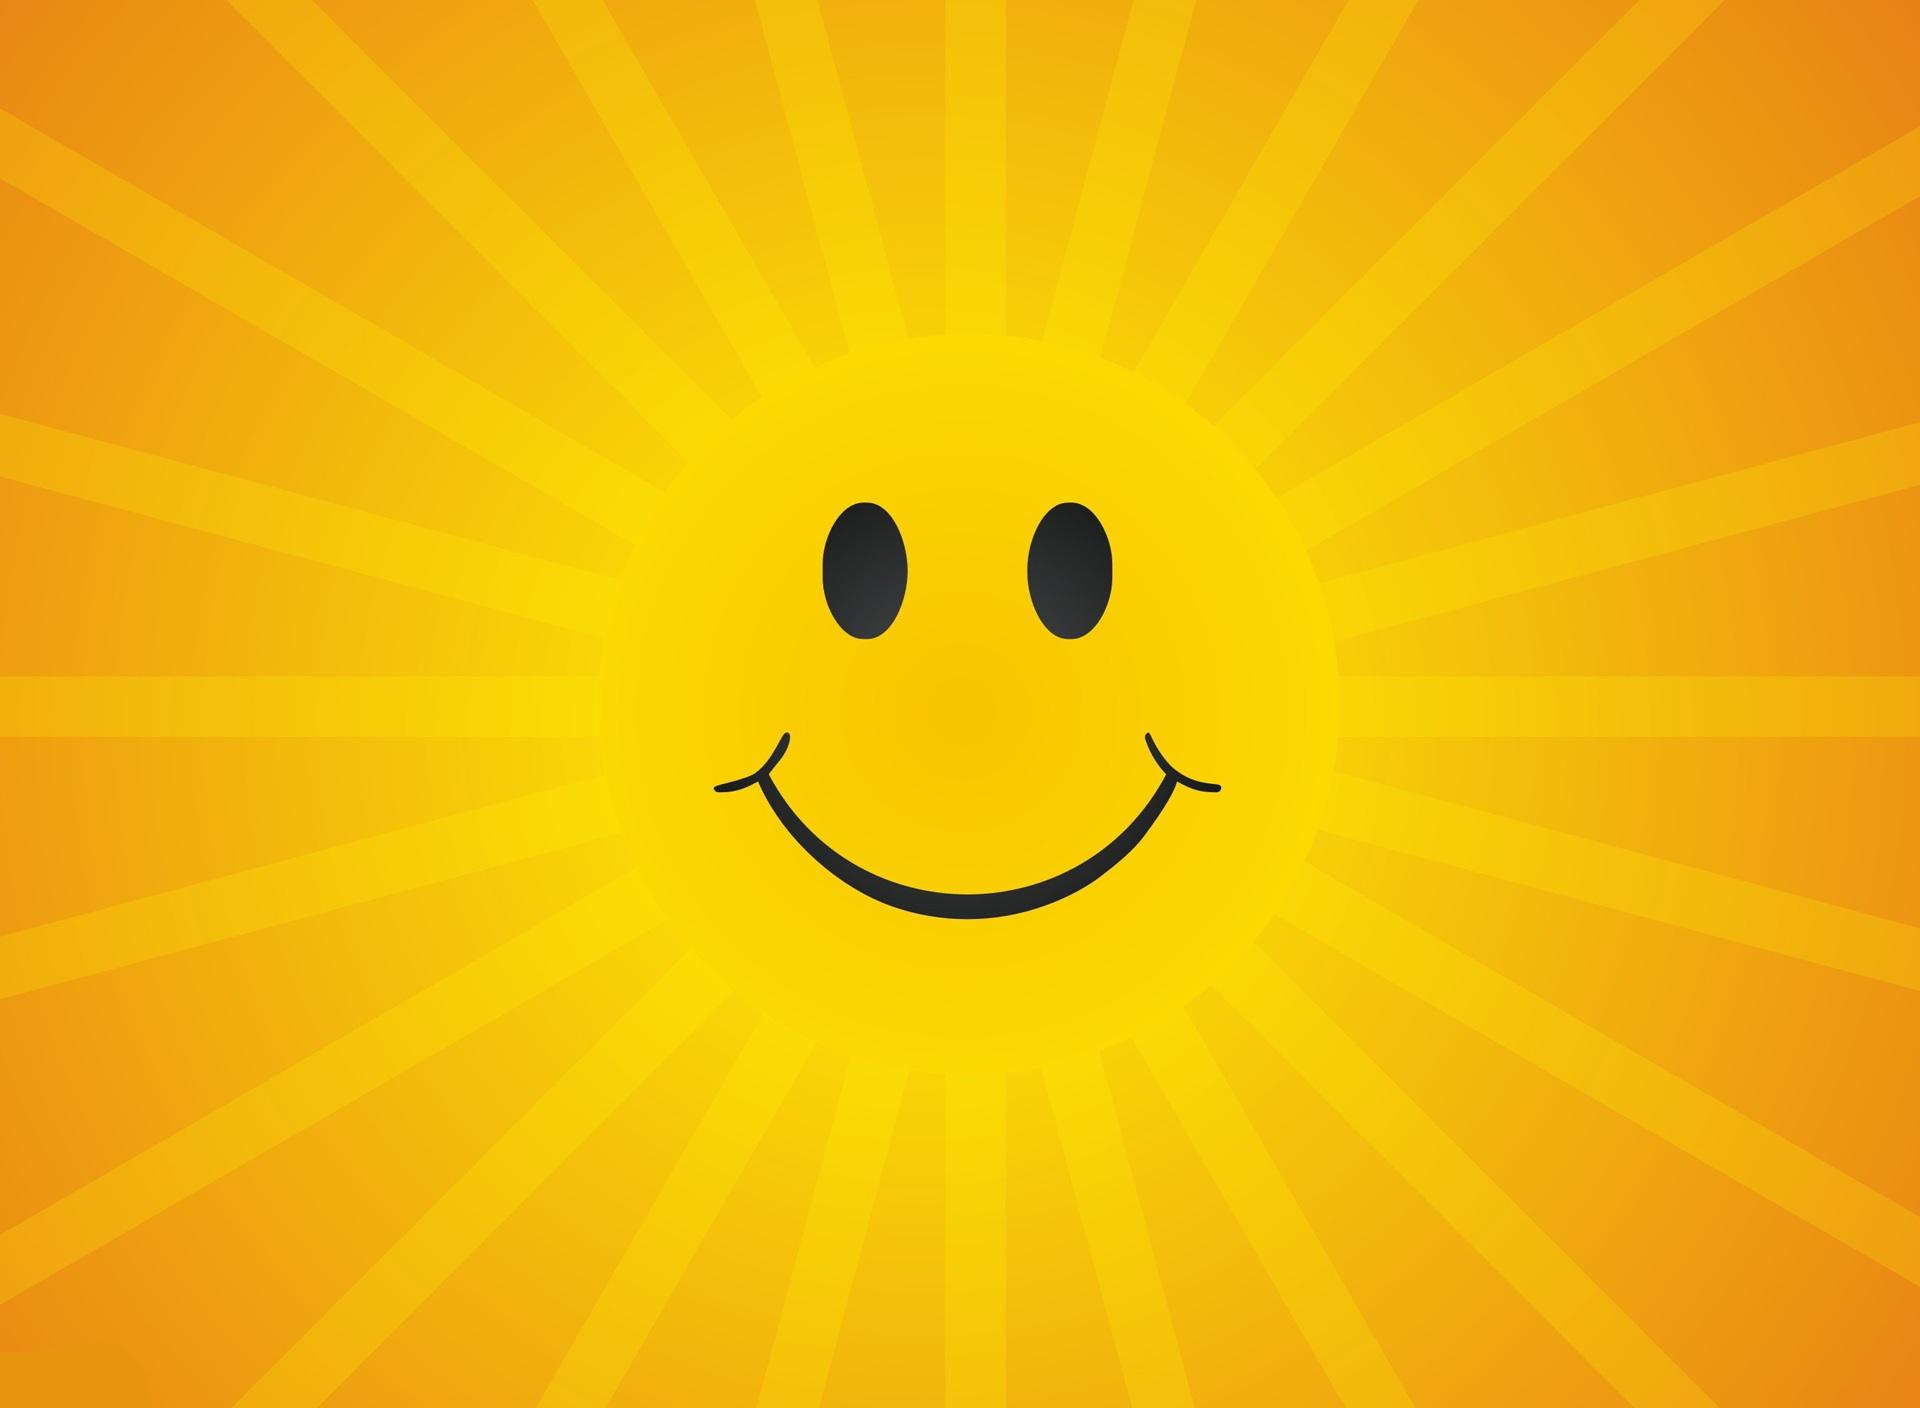 48 Smiley Face Wallpaper Screensavers On Wallpapersafari